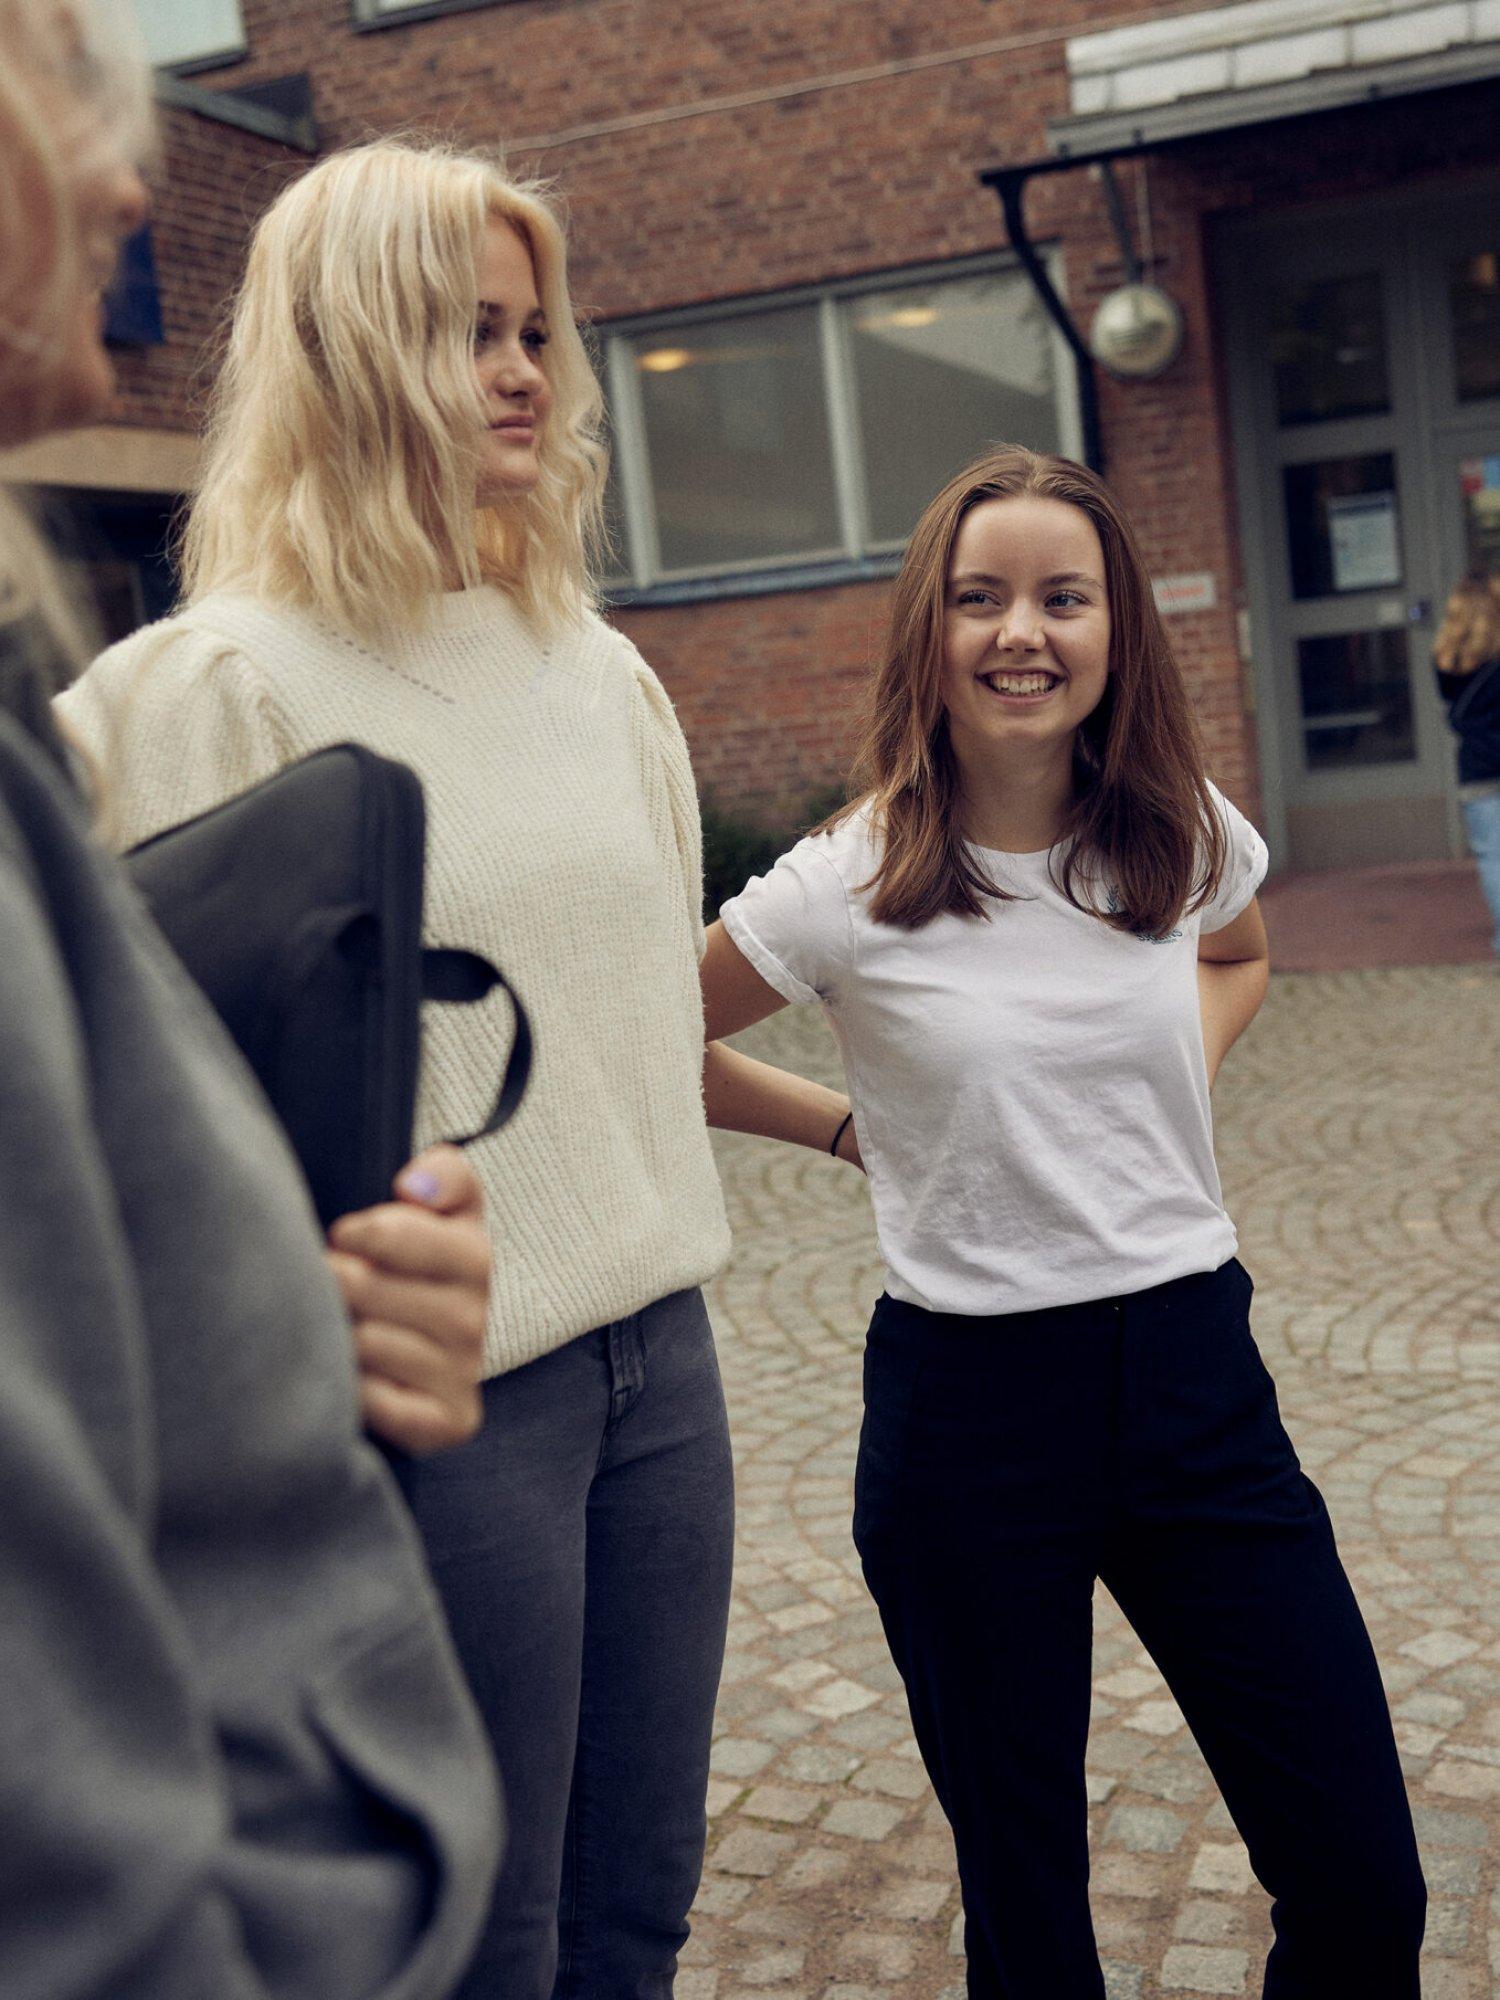 Elever står och pratar utanför ingången till Sjölins Gymnasium.